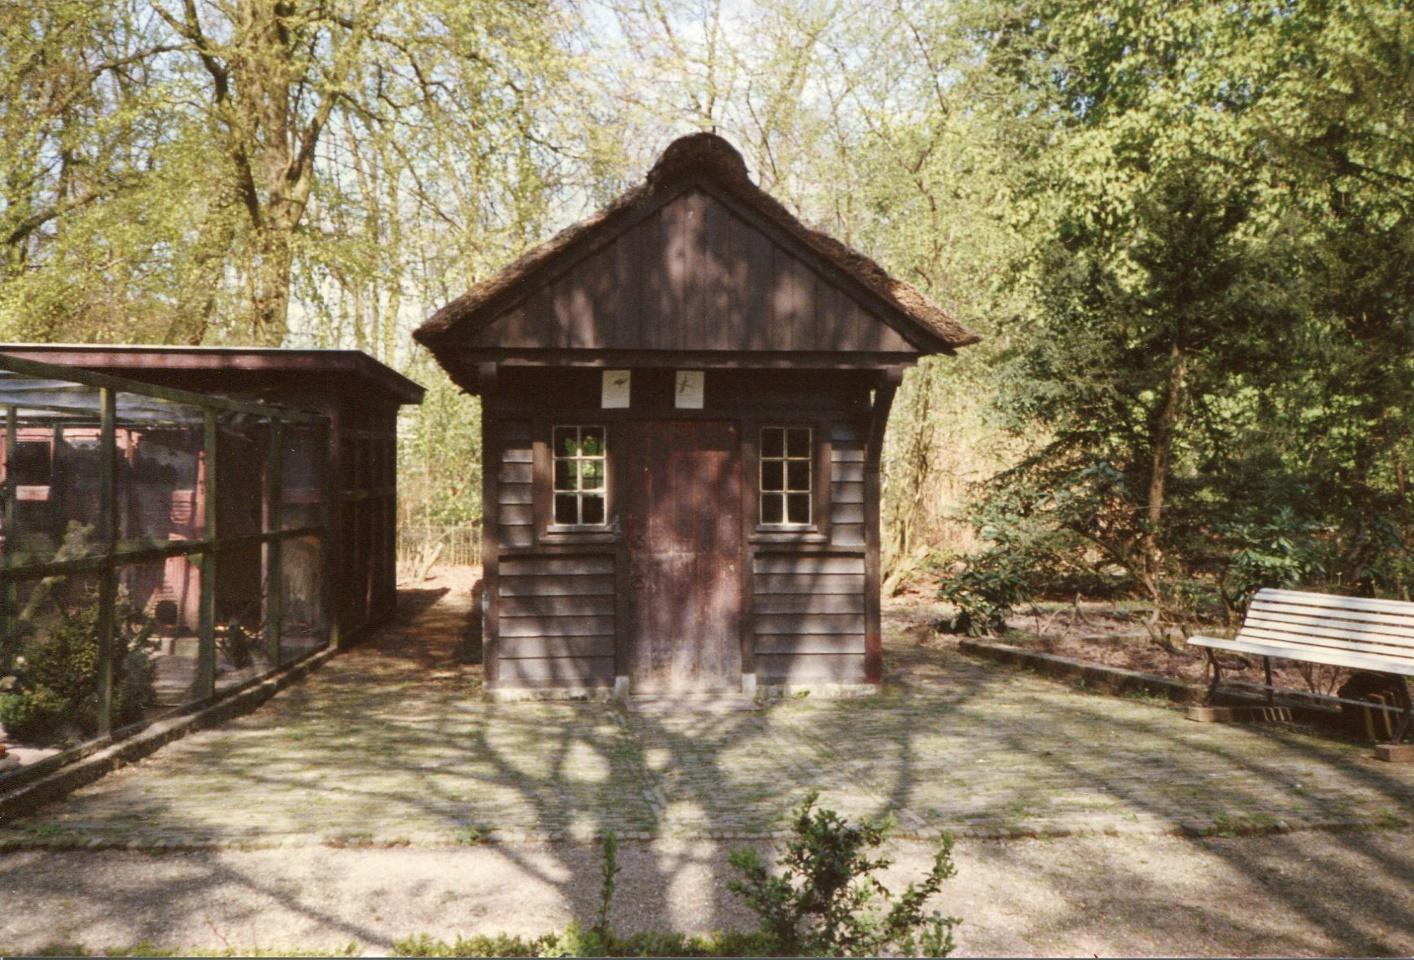 Stichting Nyenrode Fonds - Menagerie - Voederhuis, historische foto (1)